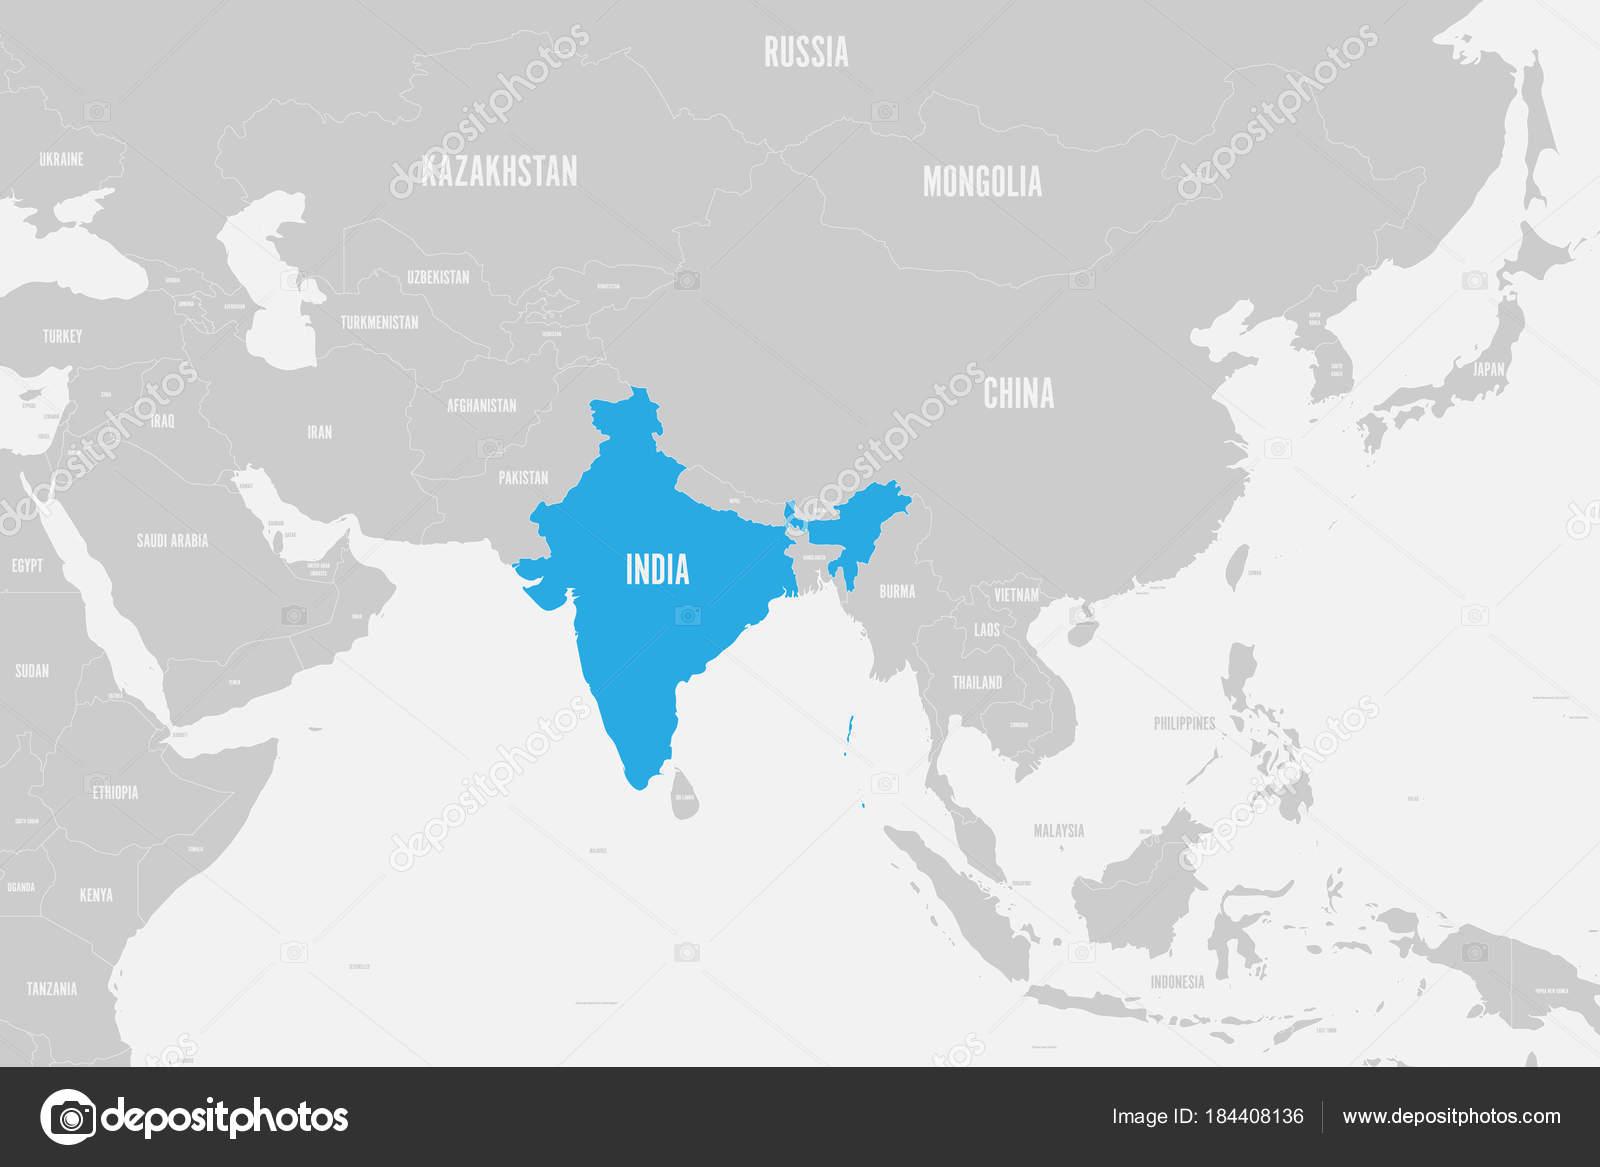 Südasien Karte.Politische Karte Von Südasien Indien Blau Markiert Vektor